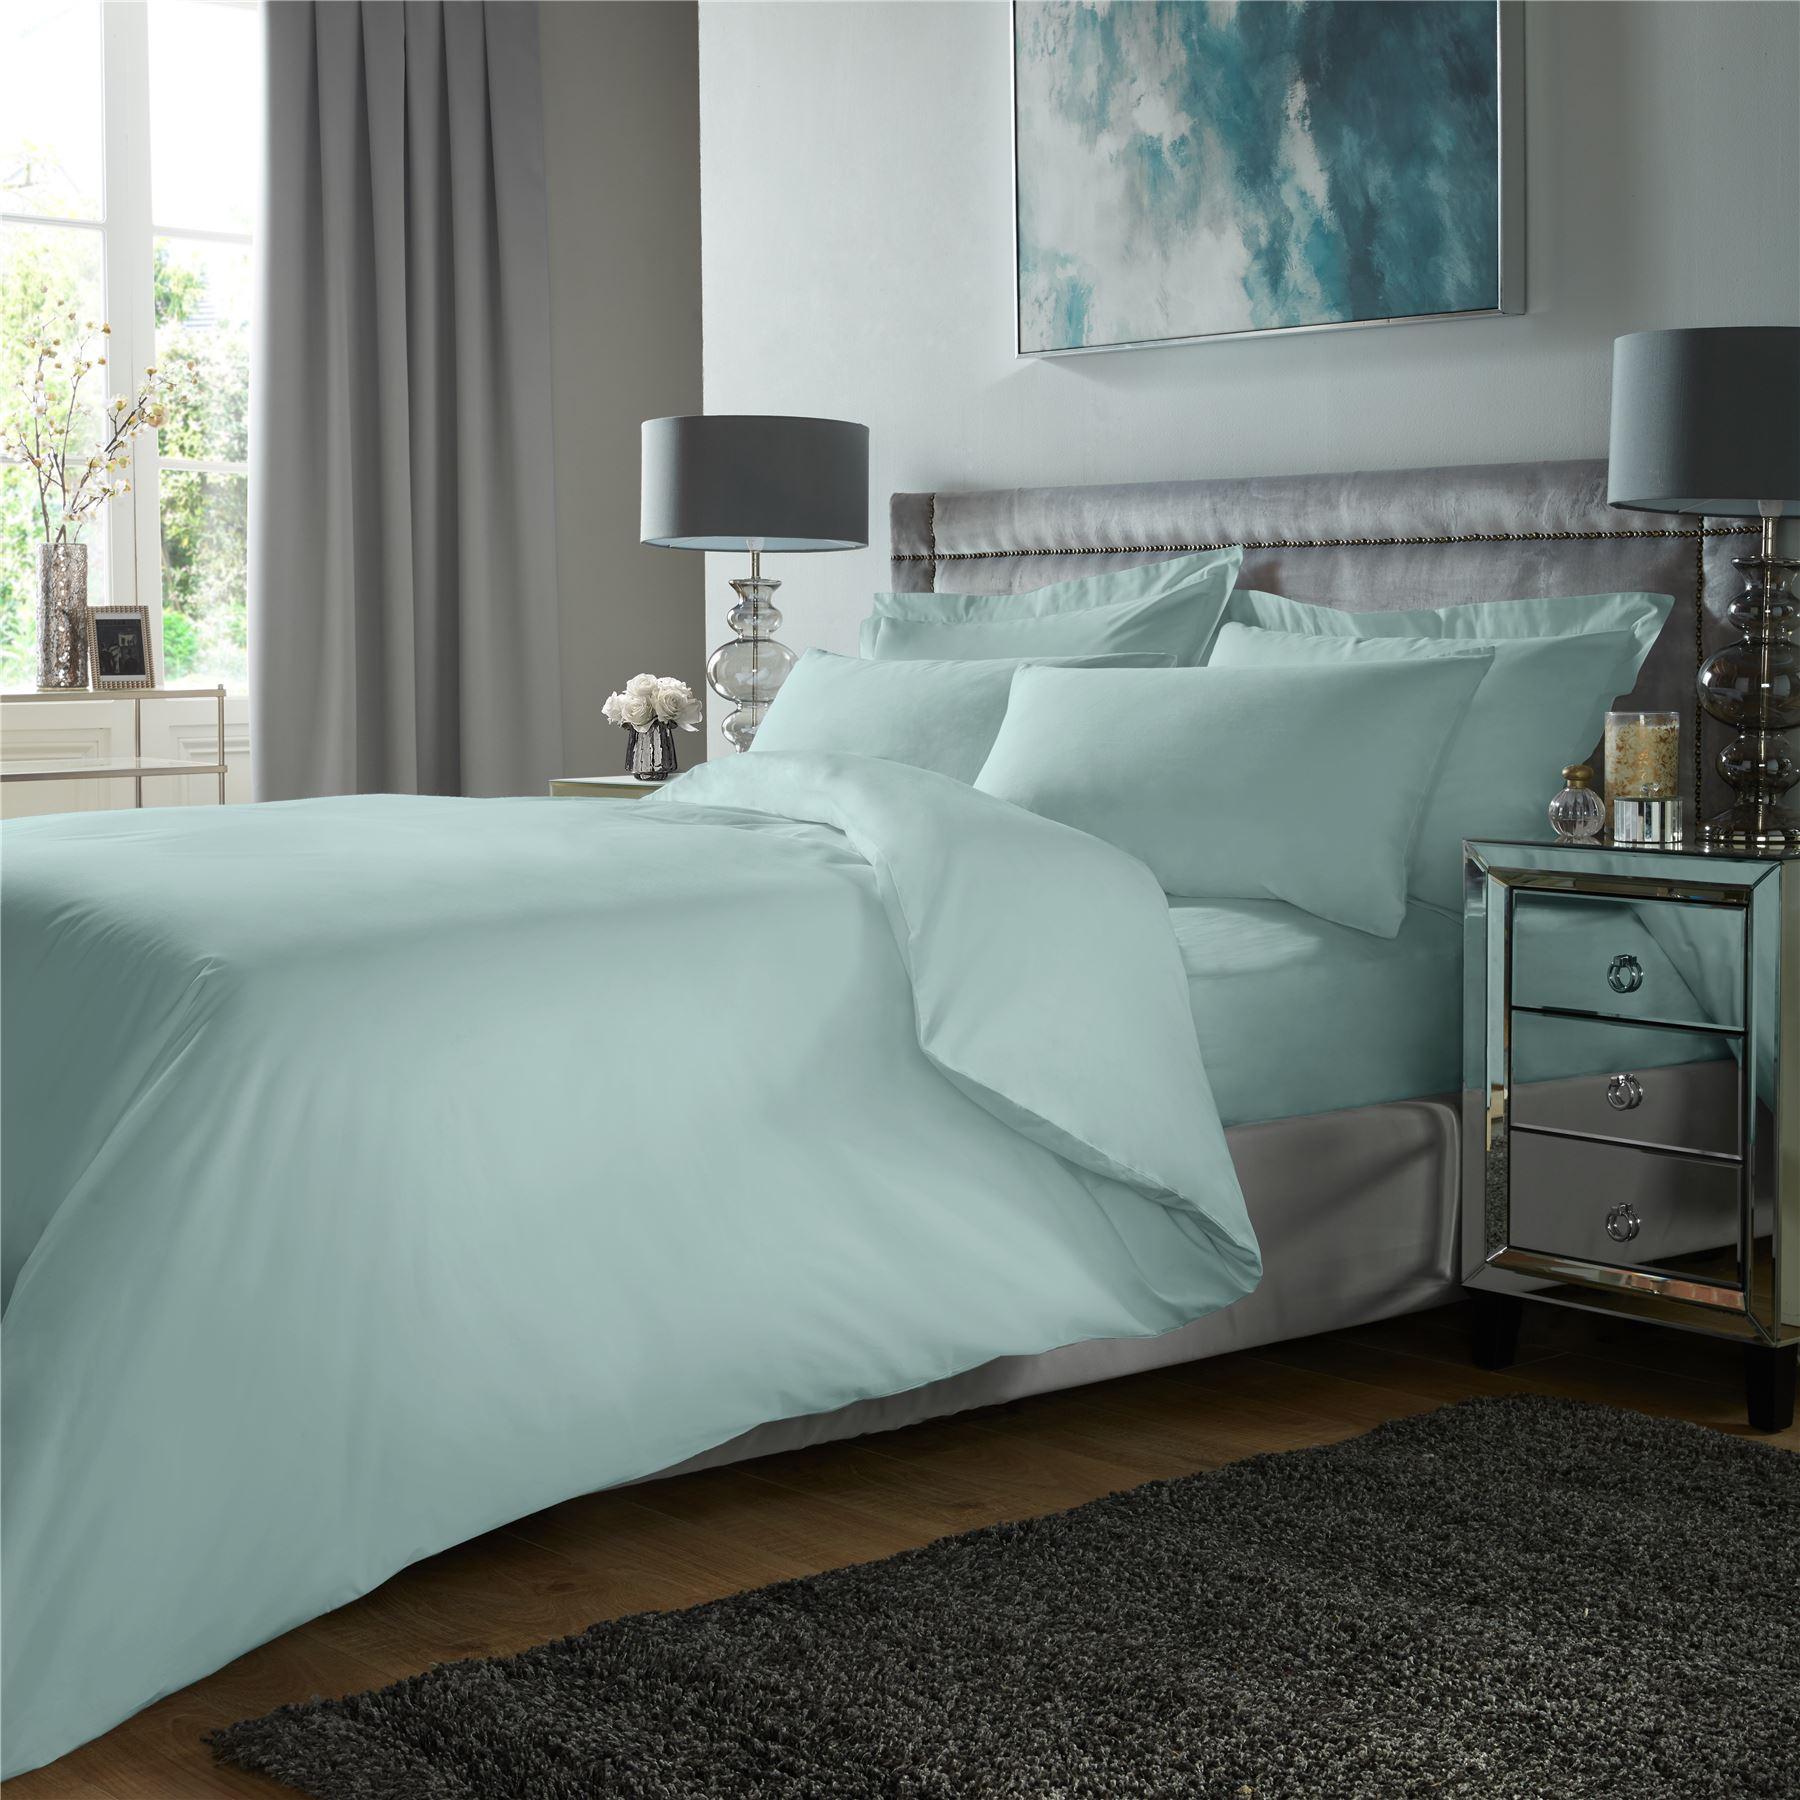 De-Lujo-400TC-conjunto-de-funda-de-edredon-100-Algodon-Egipcio-ropa-de-cama-funda-de-almohada-tenida miniatura 7